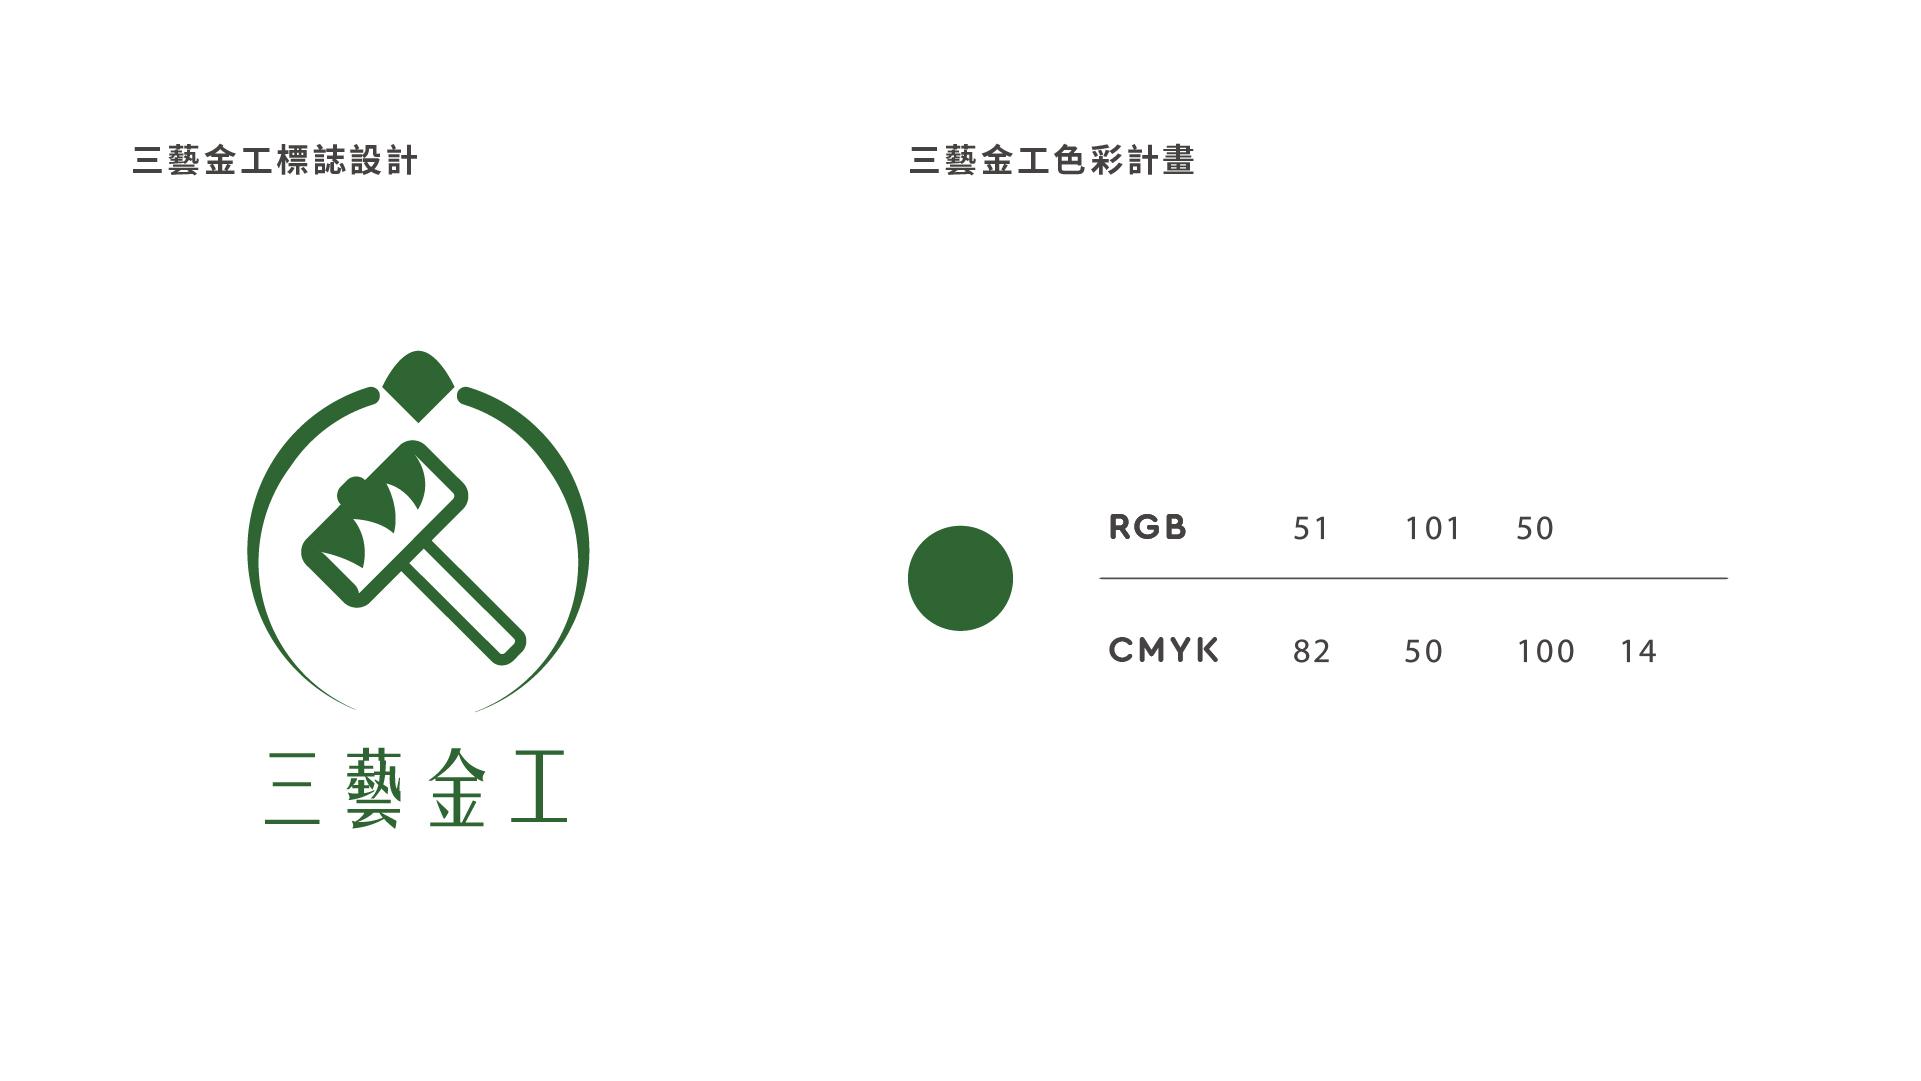 三藝金工 標誌LOGO設計與色彩計畫   甘樂文創   甘之如飴,樂在其中